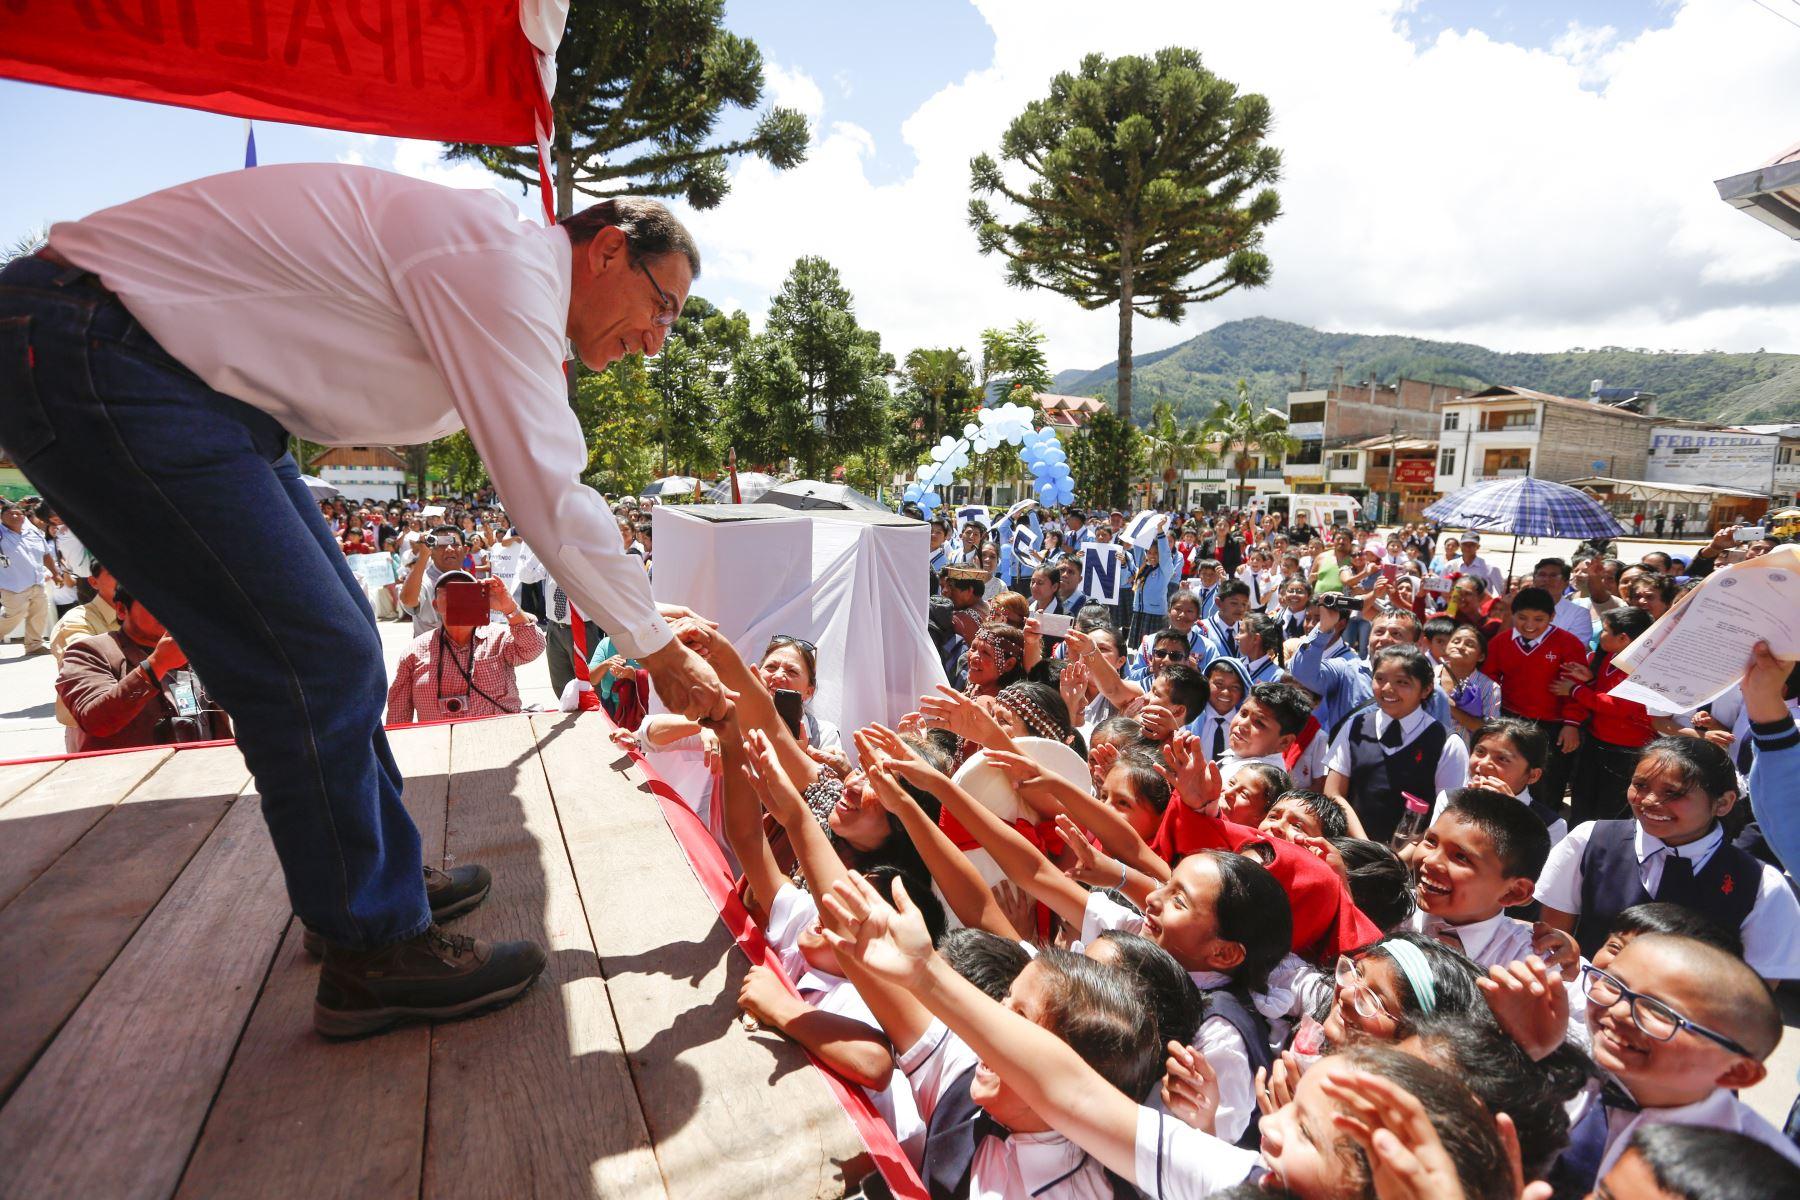 Jefe de Estado,Martín Vizcarra se reúne con la población y autoridades de Oxapampa y Pozuzo en la región Pasco.Foto: ANDINA/Carla Patiño/Prensa Presidencia